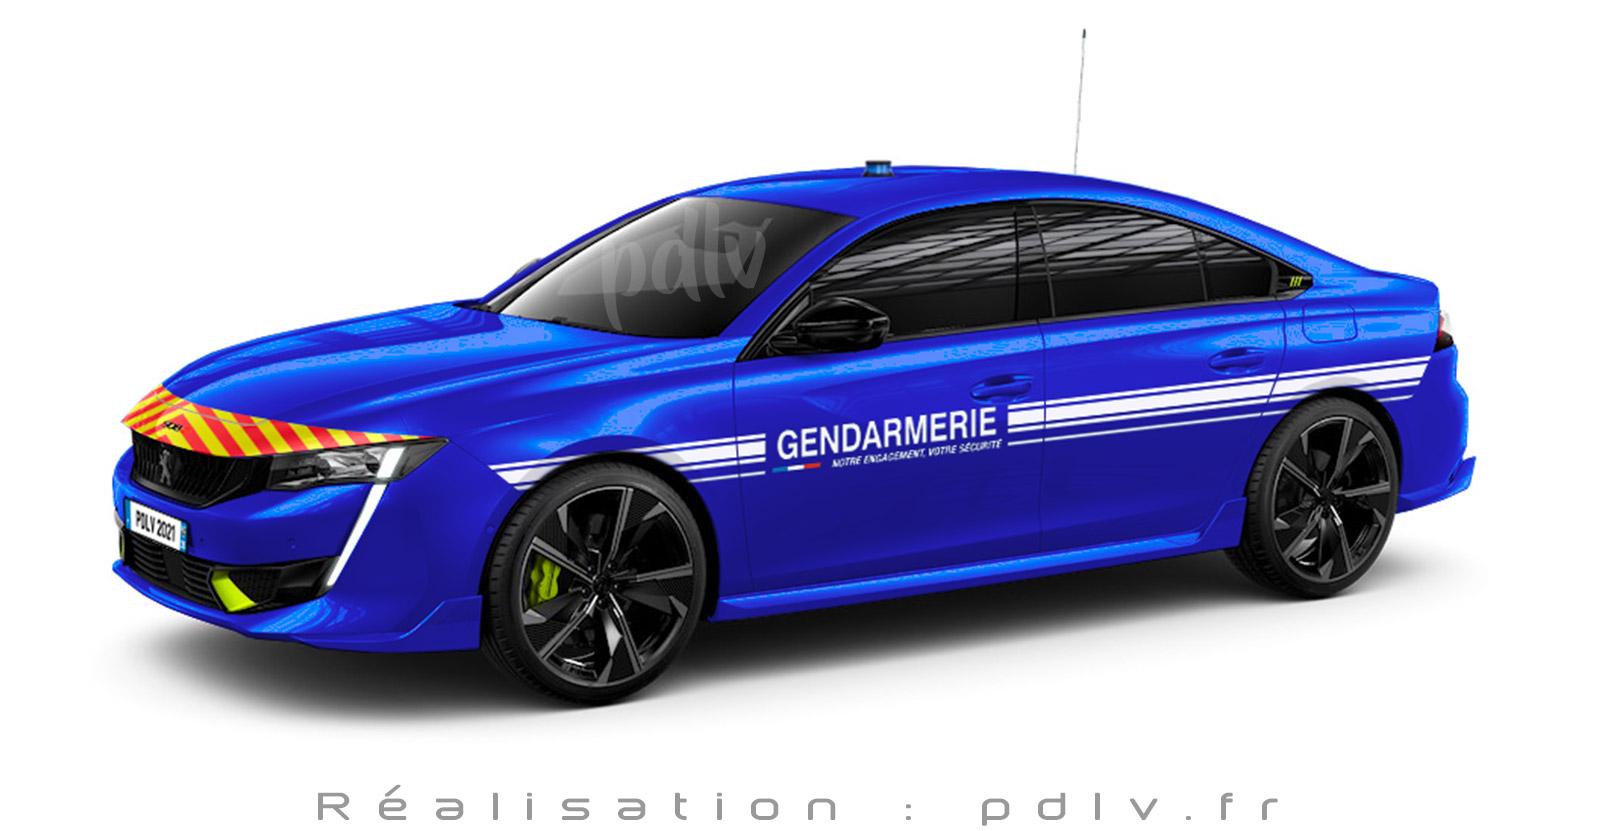 Peugeot 508 PSE gendarmerie